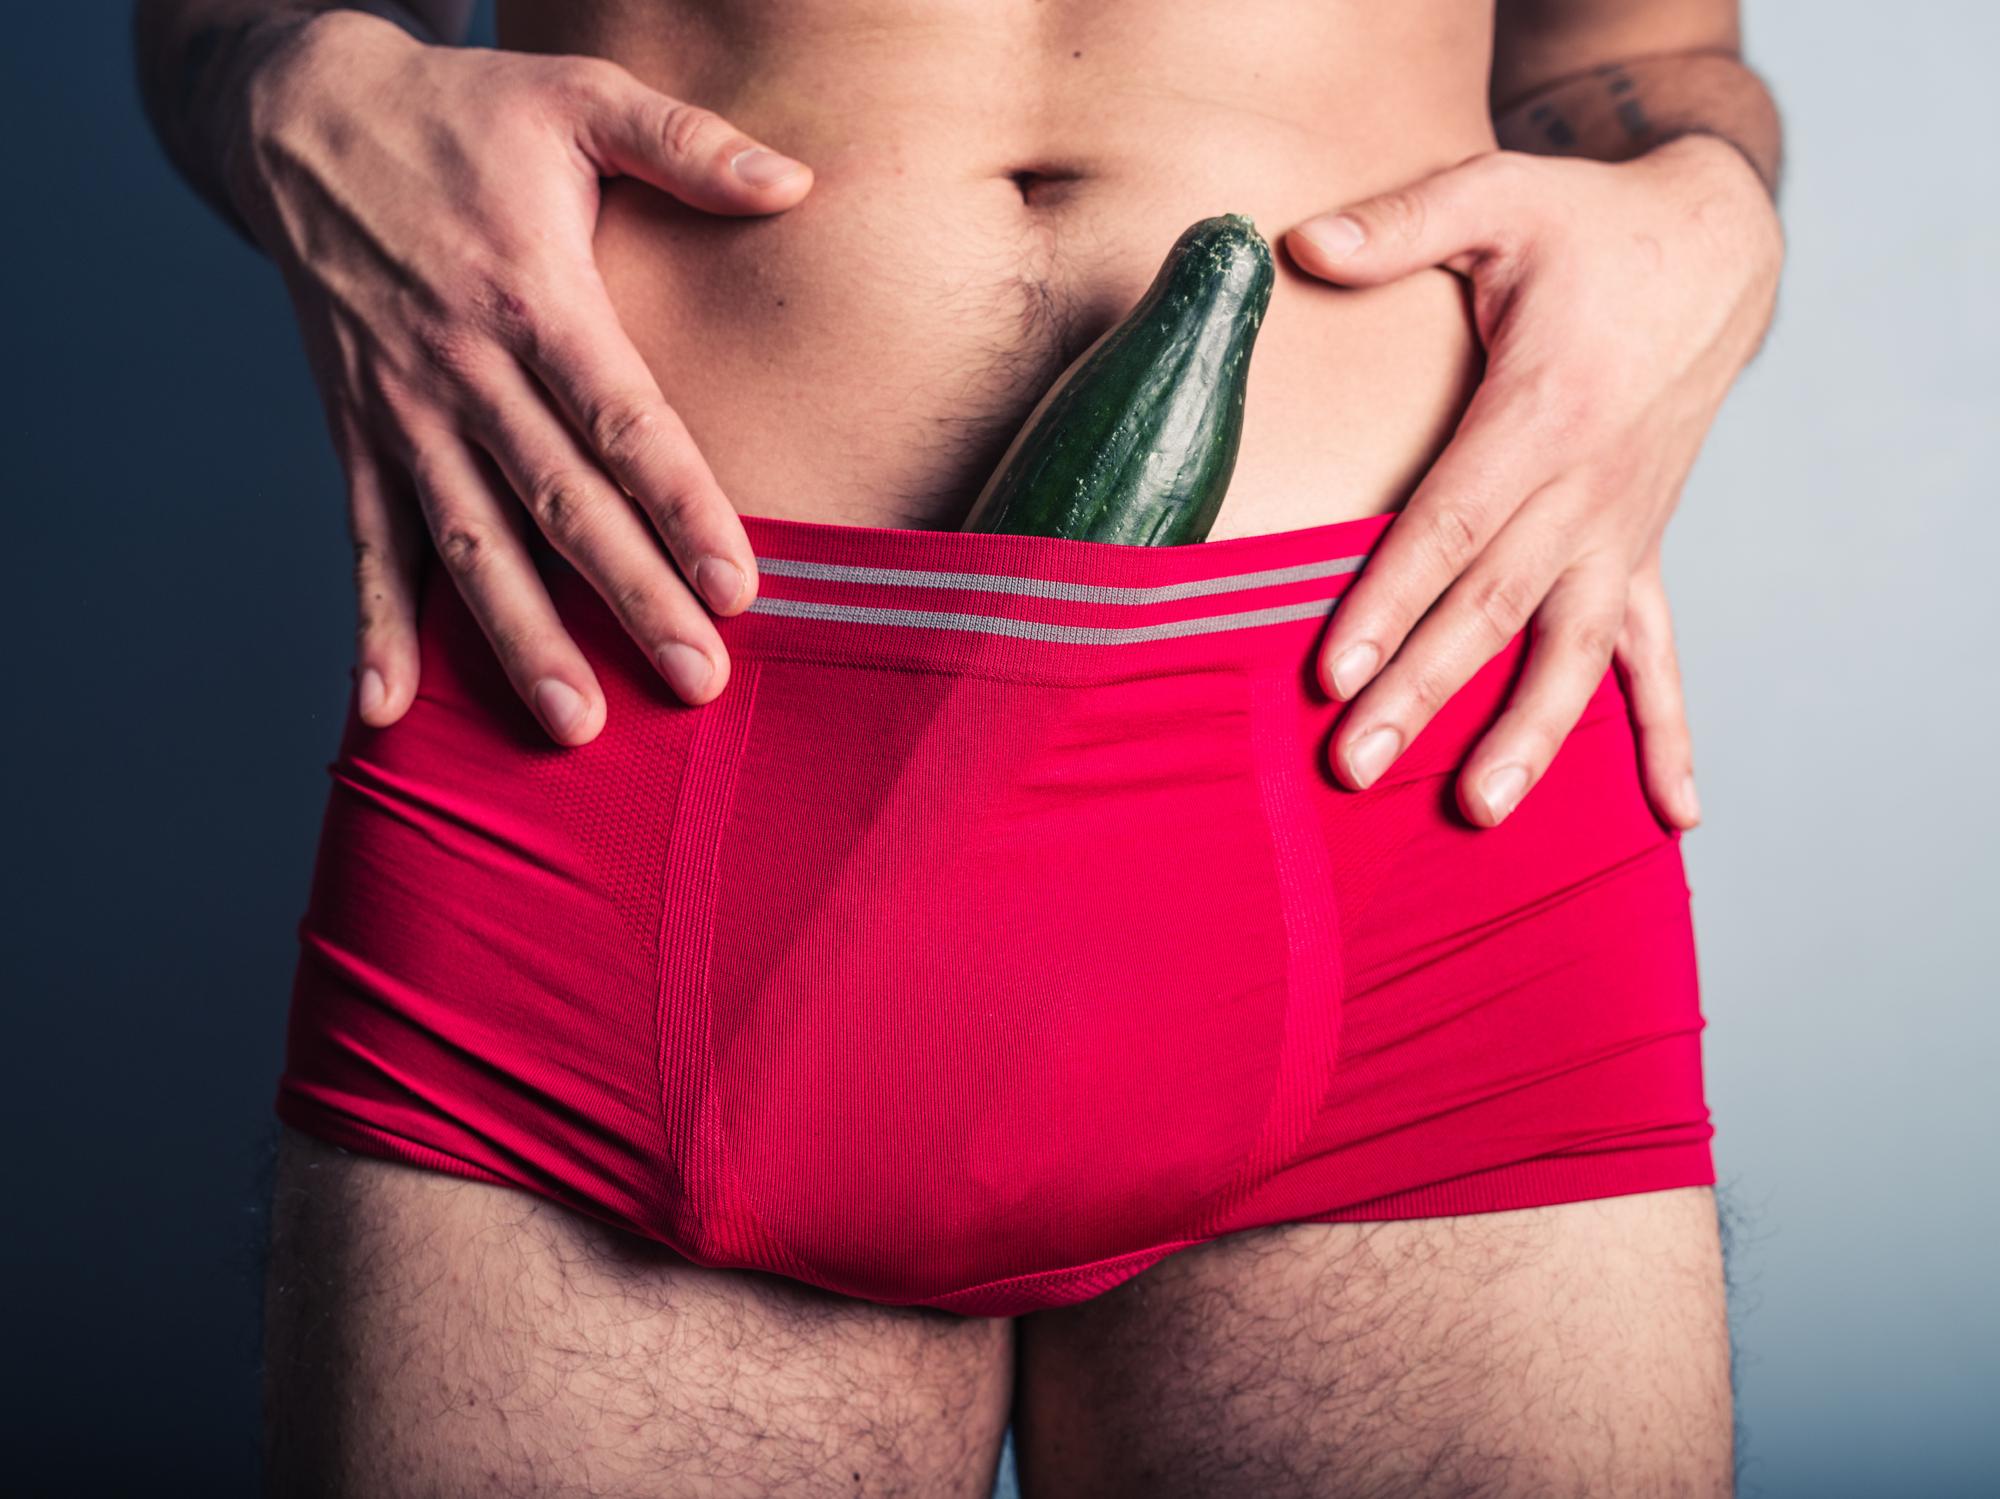 mit kell tenni, hogy a pénisz lefeküdjön perverziók a péniszen